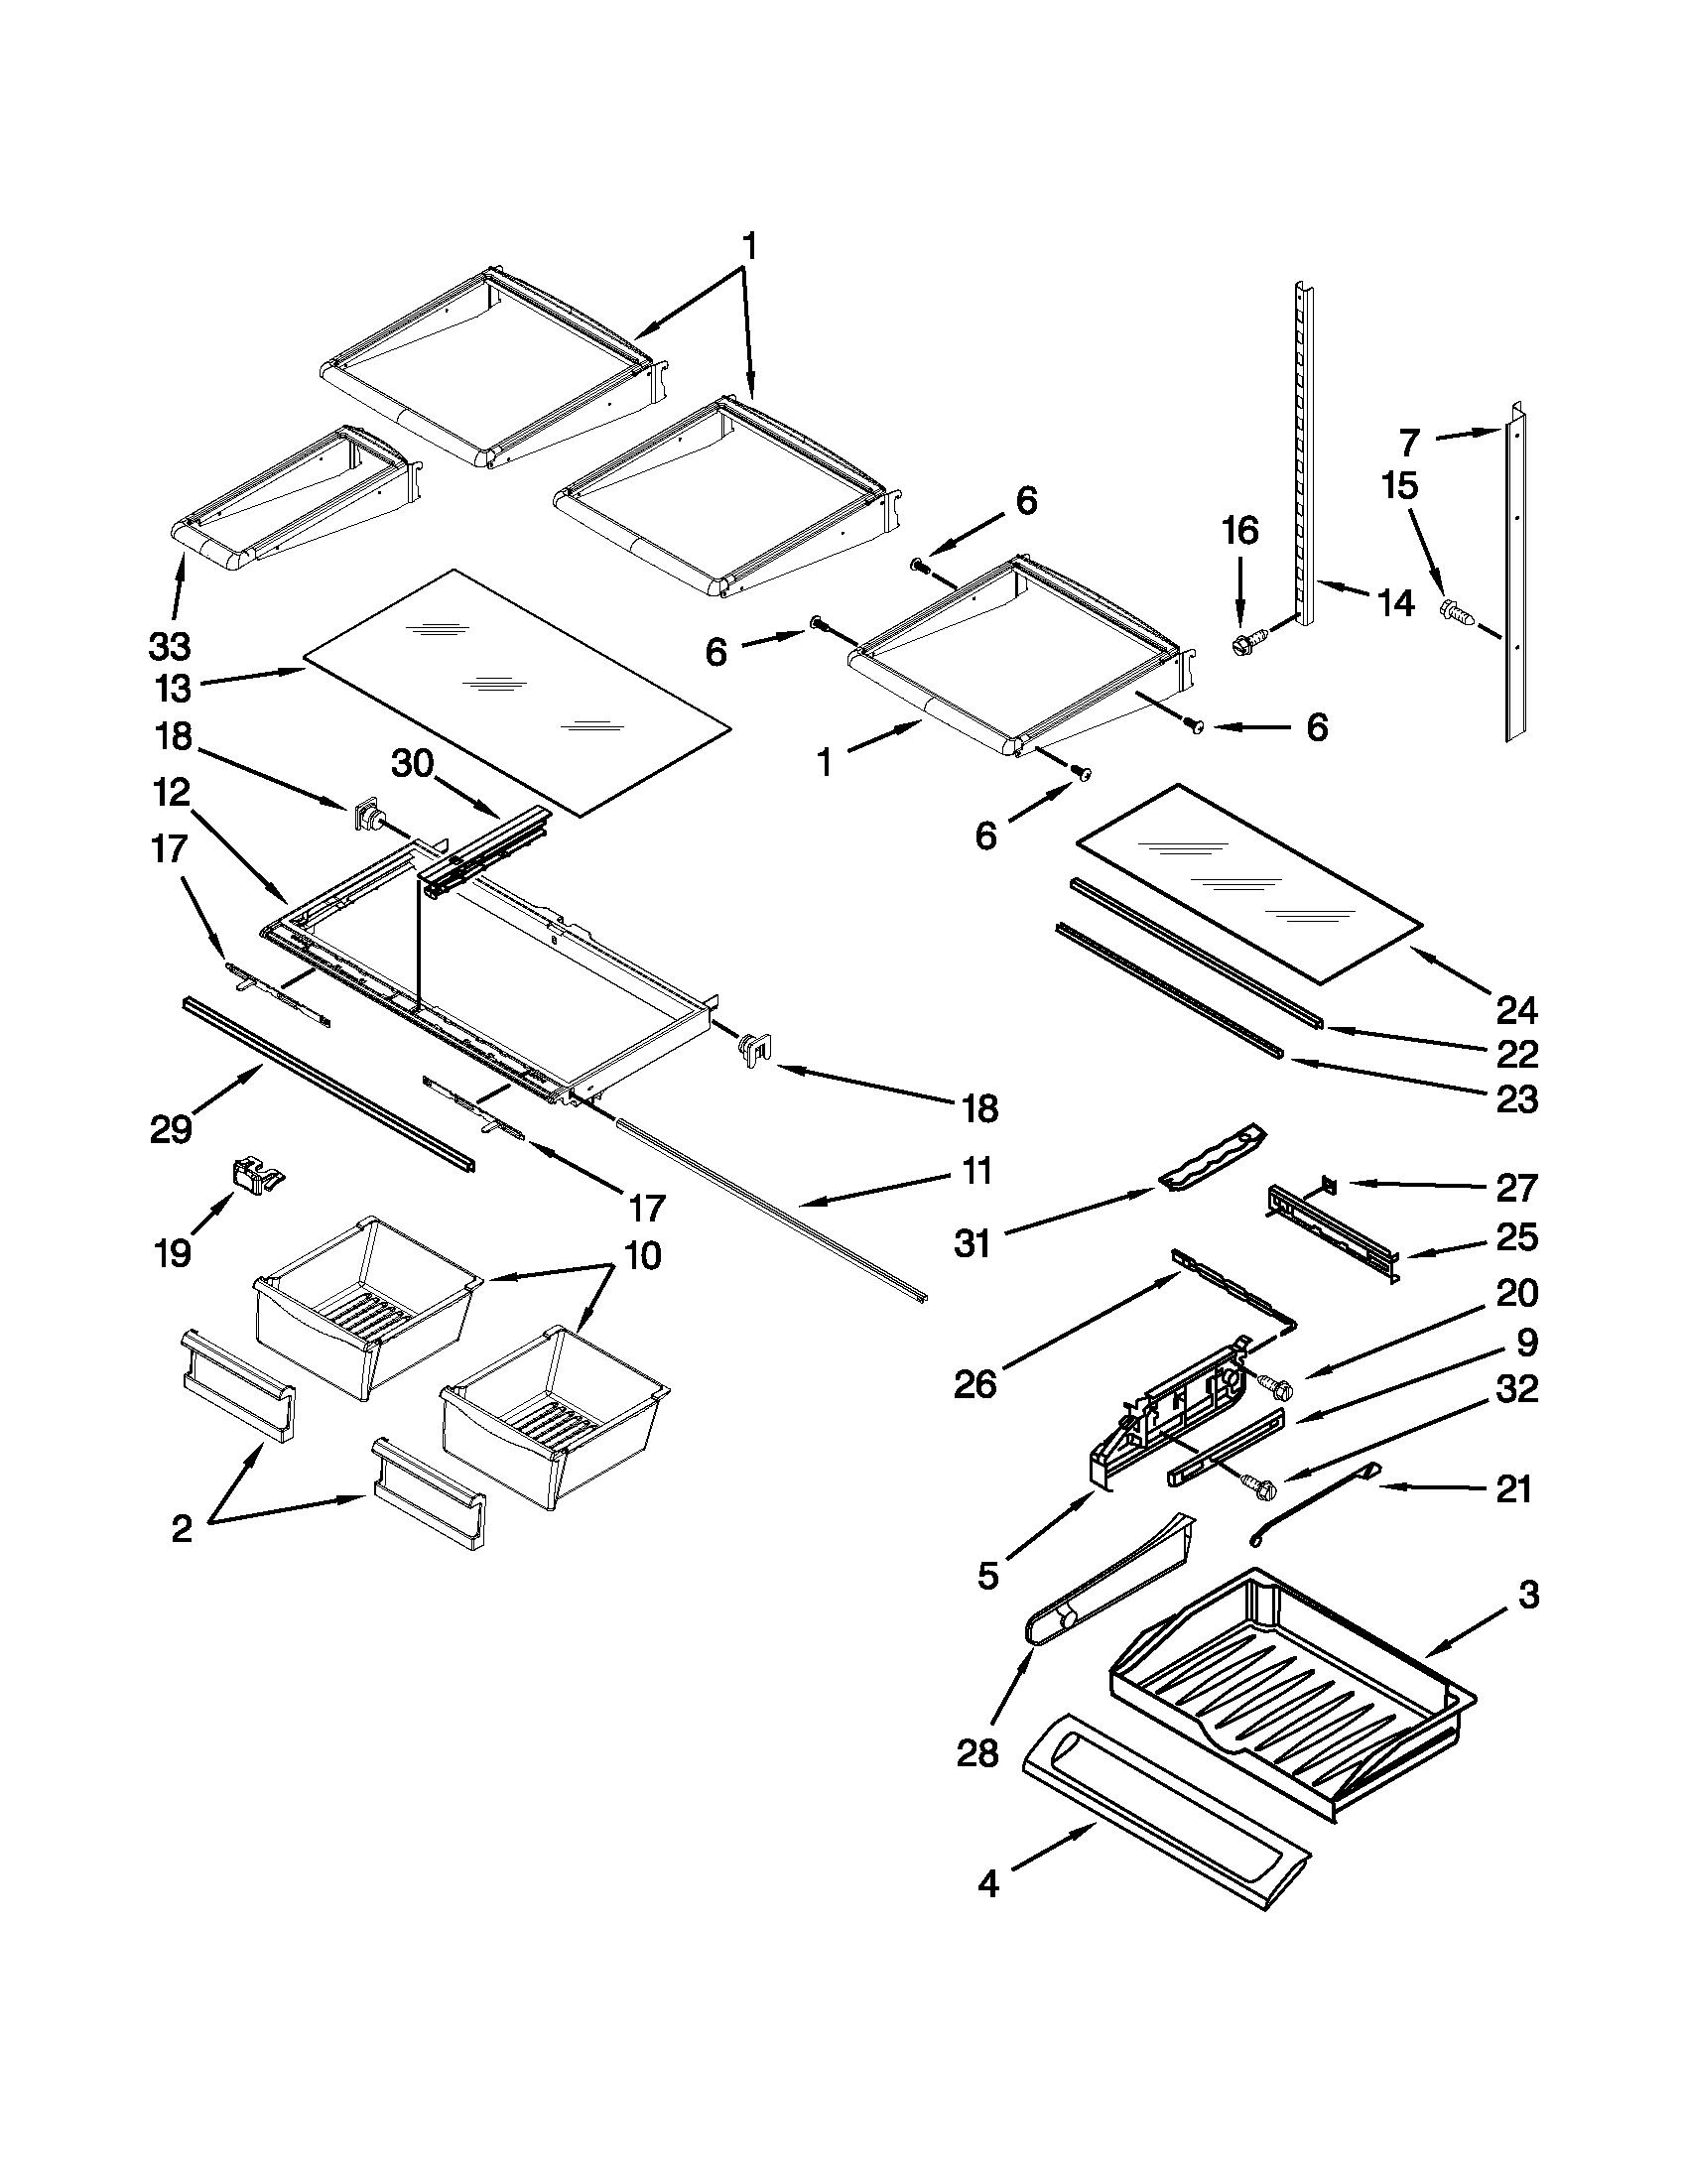 Maytag Refrigerator Thermistor Diagram : 38 Wiring Diagram